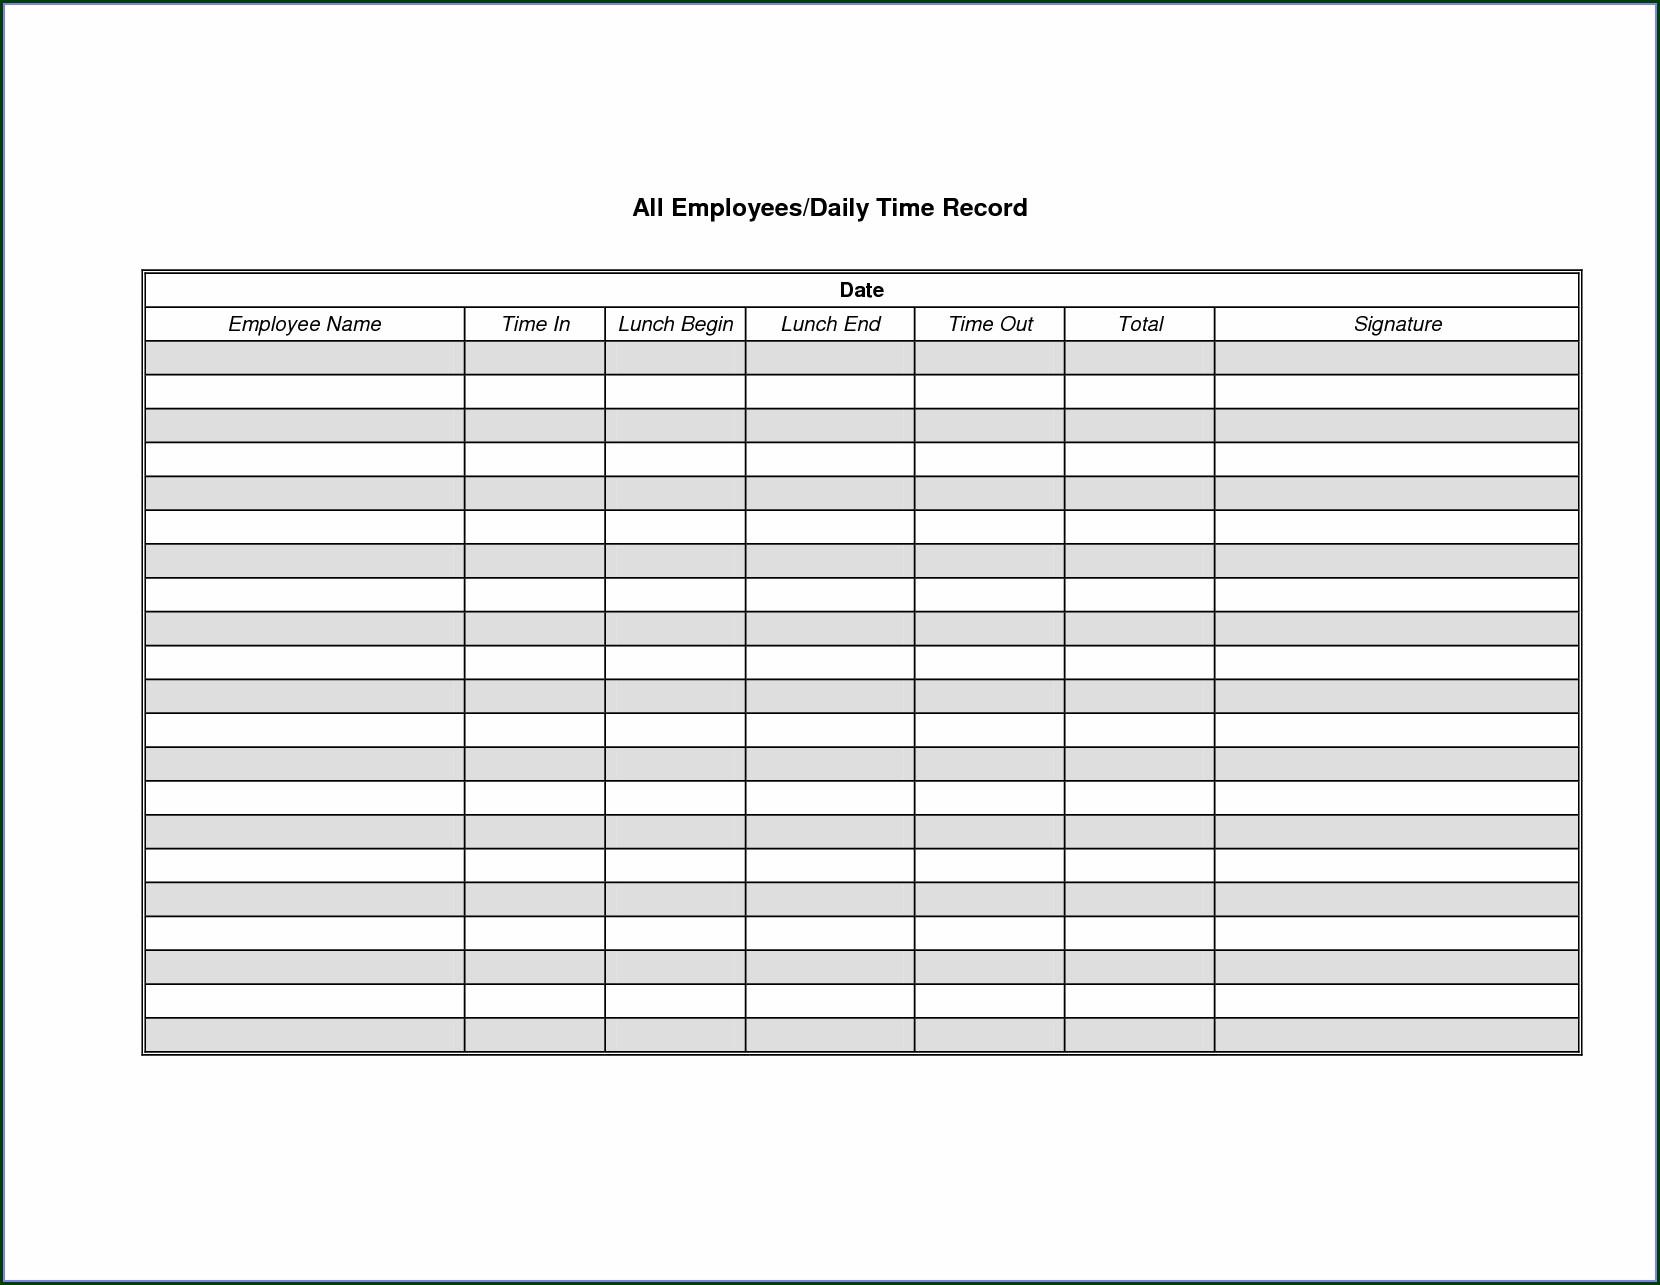 Employee Payroll Sheet Template